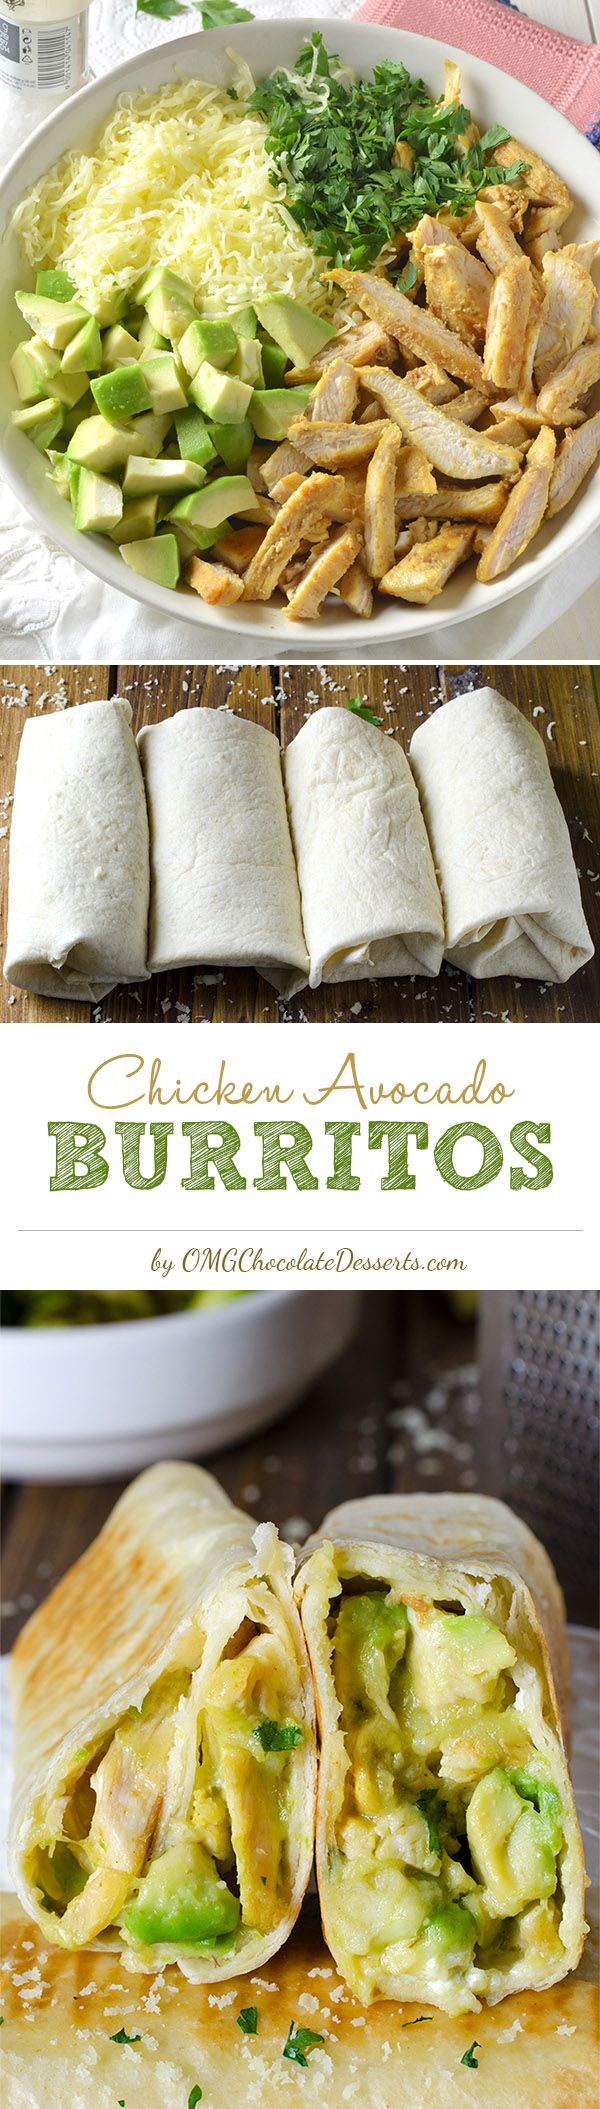 Chicken Avocado Burritos by omgchocolatedesserts #Burritos #Chicken #Avocad #Healthy #Easy